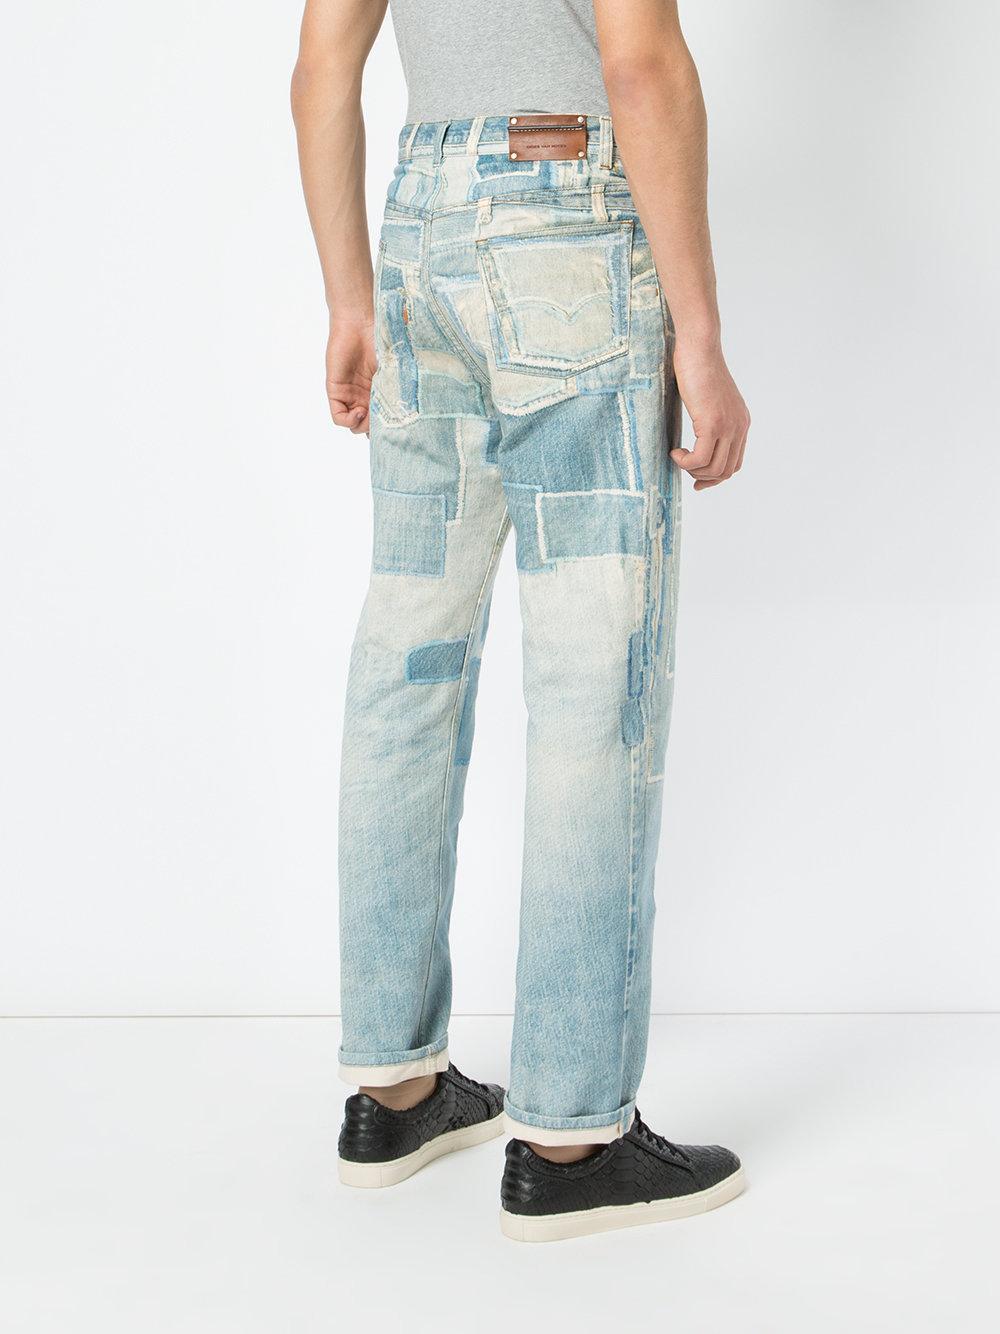 Dries Van Noten Denim - Patchwork Print Jeans - Men - Cotton - 34 in Blue for Men